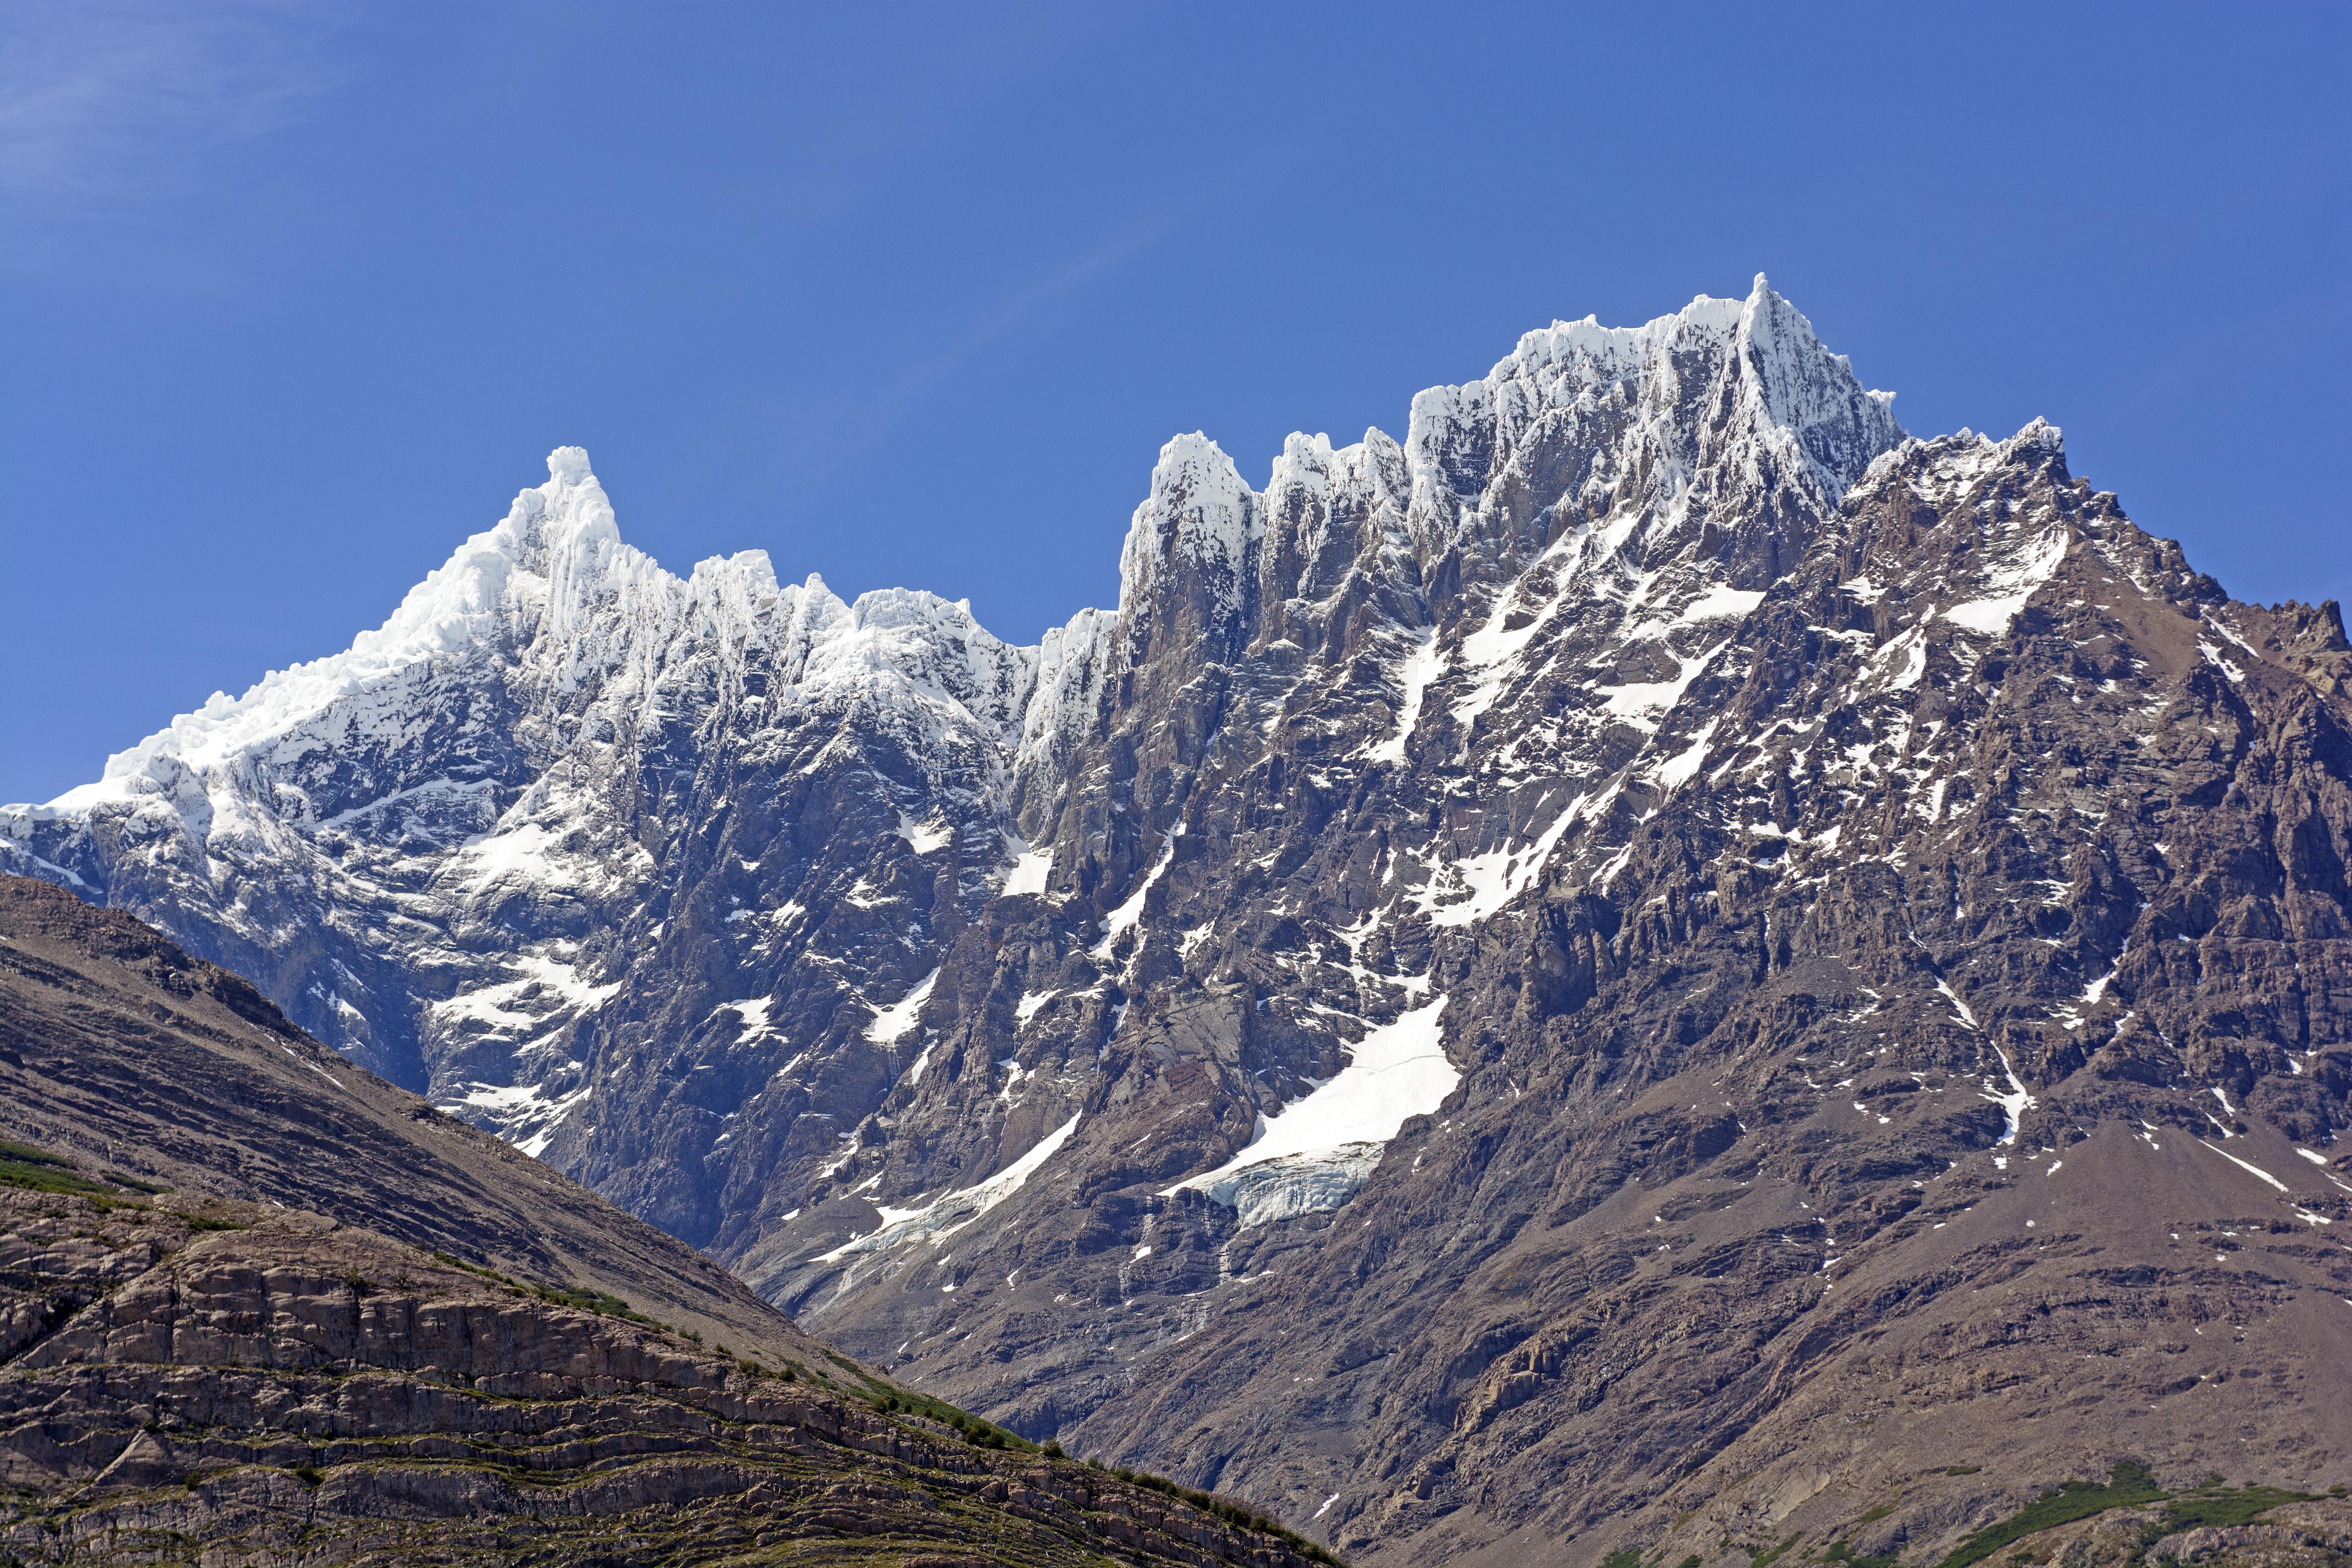 Cerro Paine.